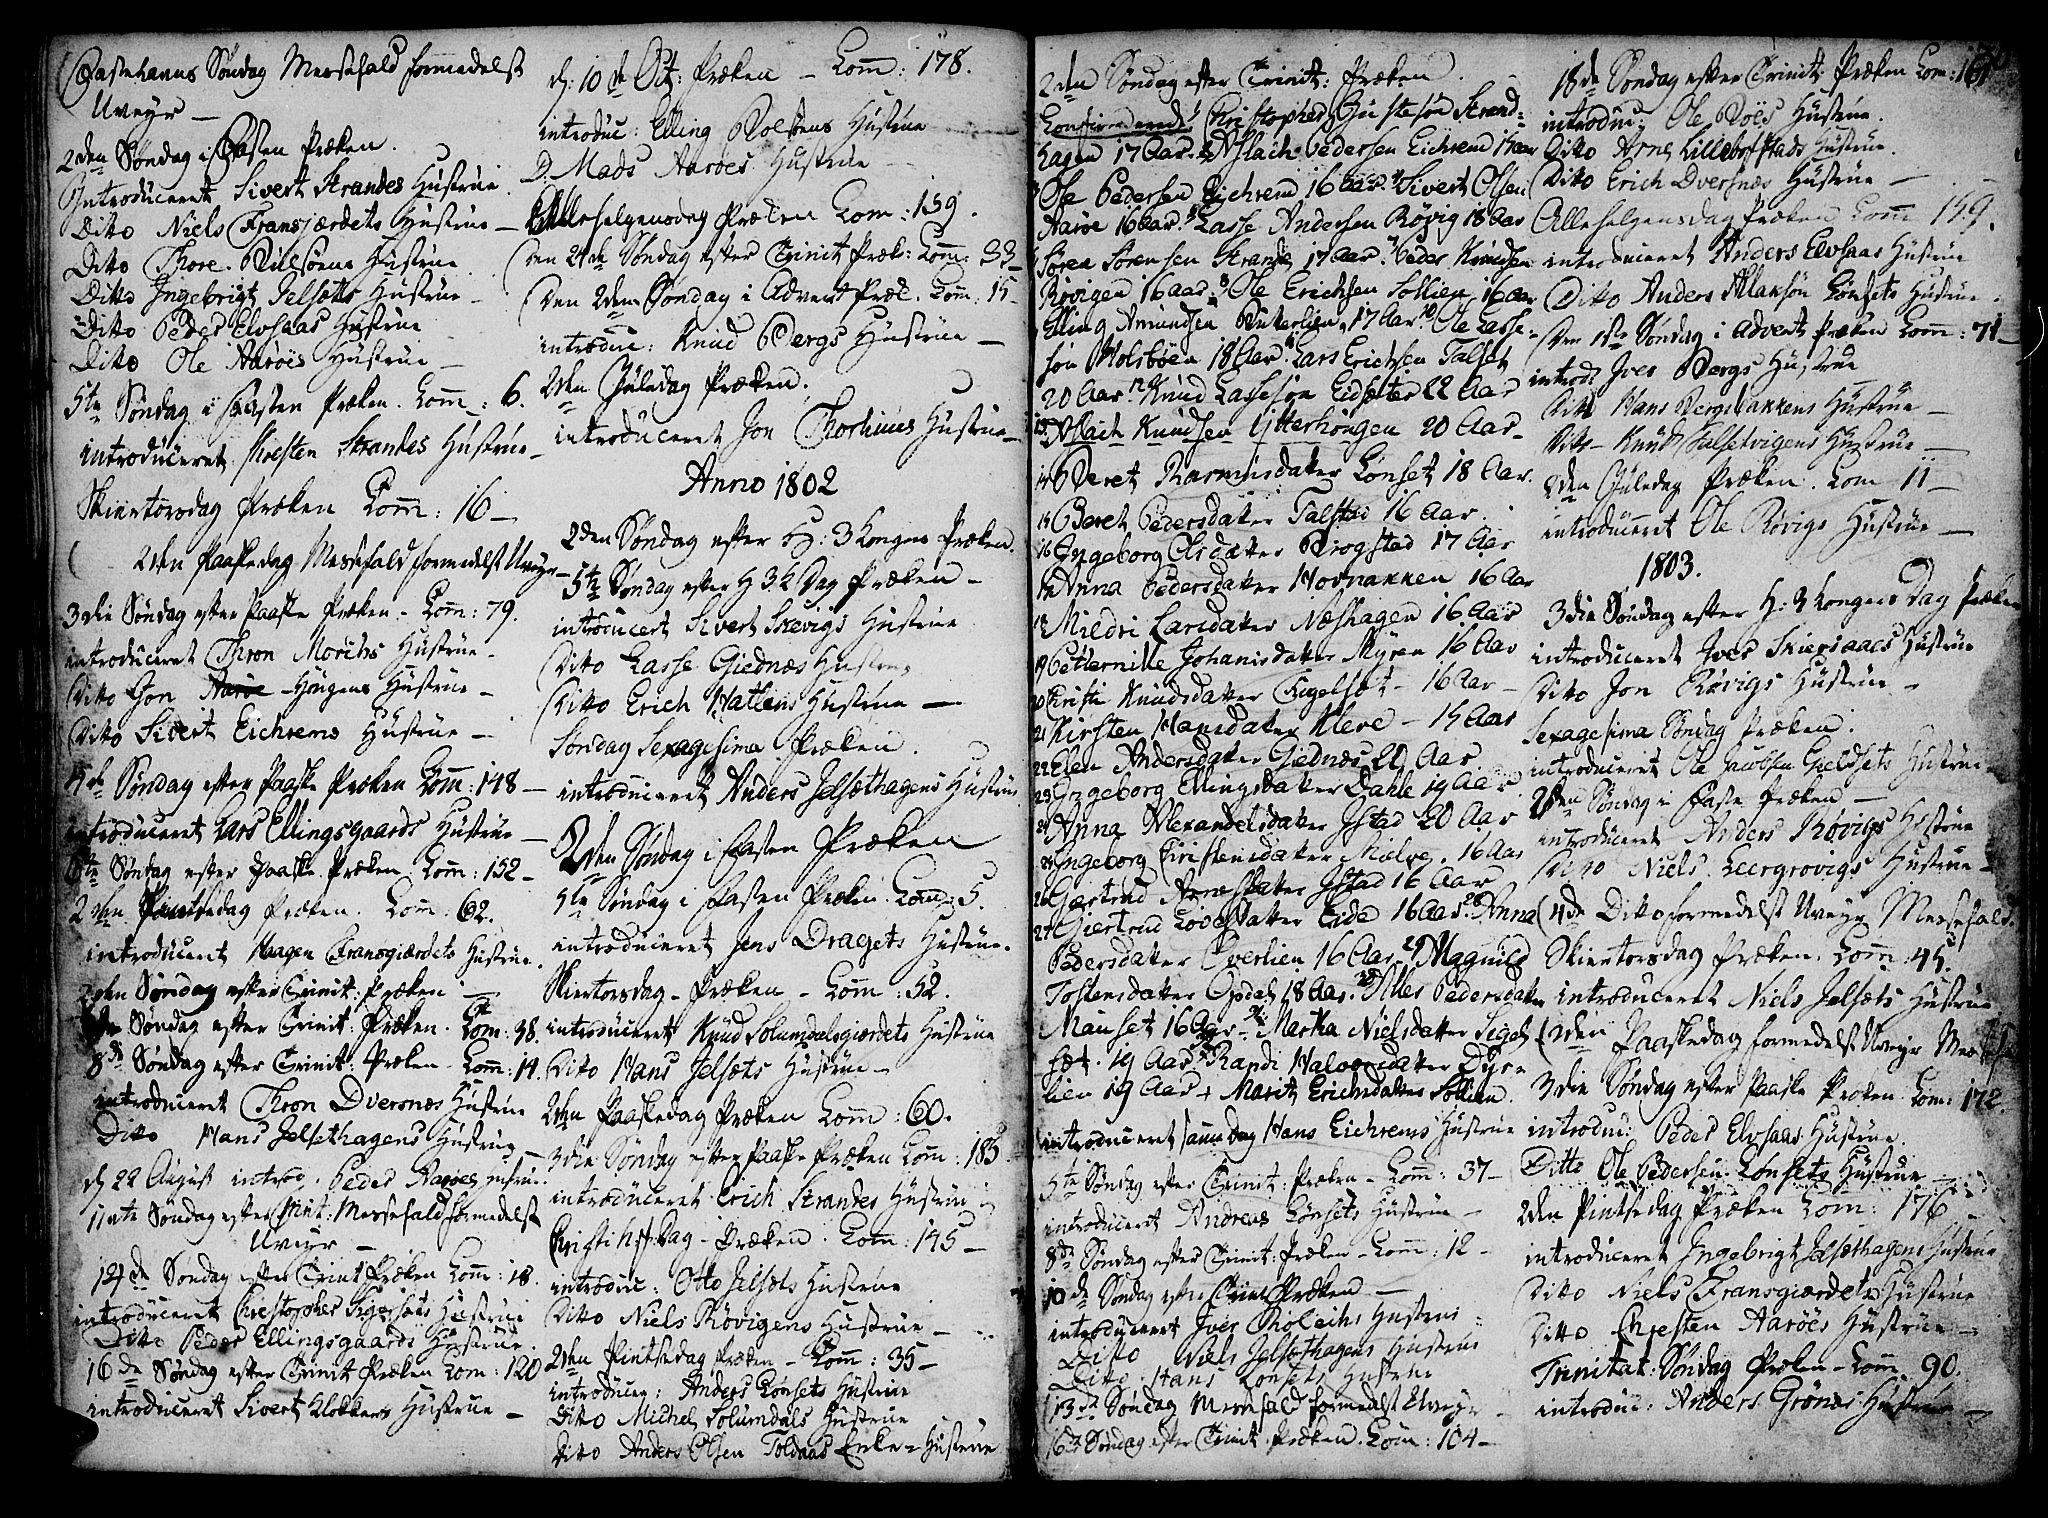 SAT, Ministerialprotokoller, klokkerbøker og fødselsregistre - Møre og Romsdal, 555/L0649: Ministerialbok nr. 555A02 /1, 1795-1821, s. 30